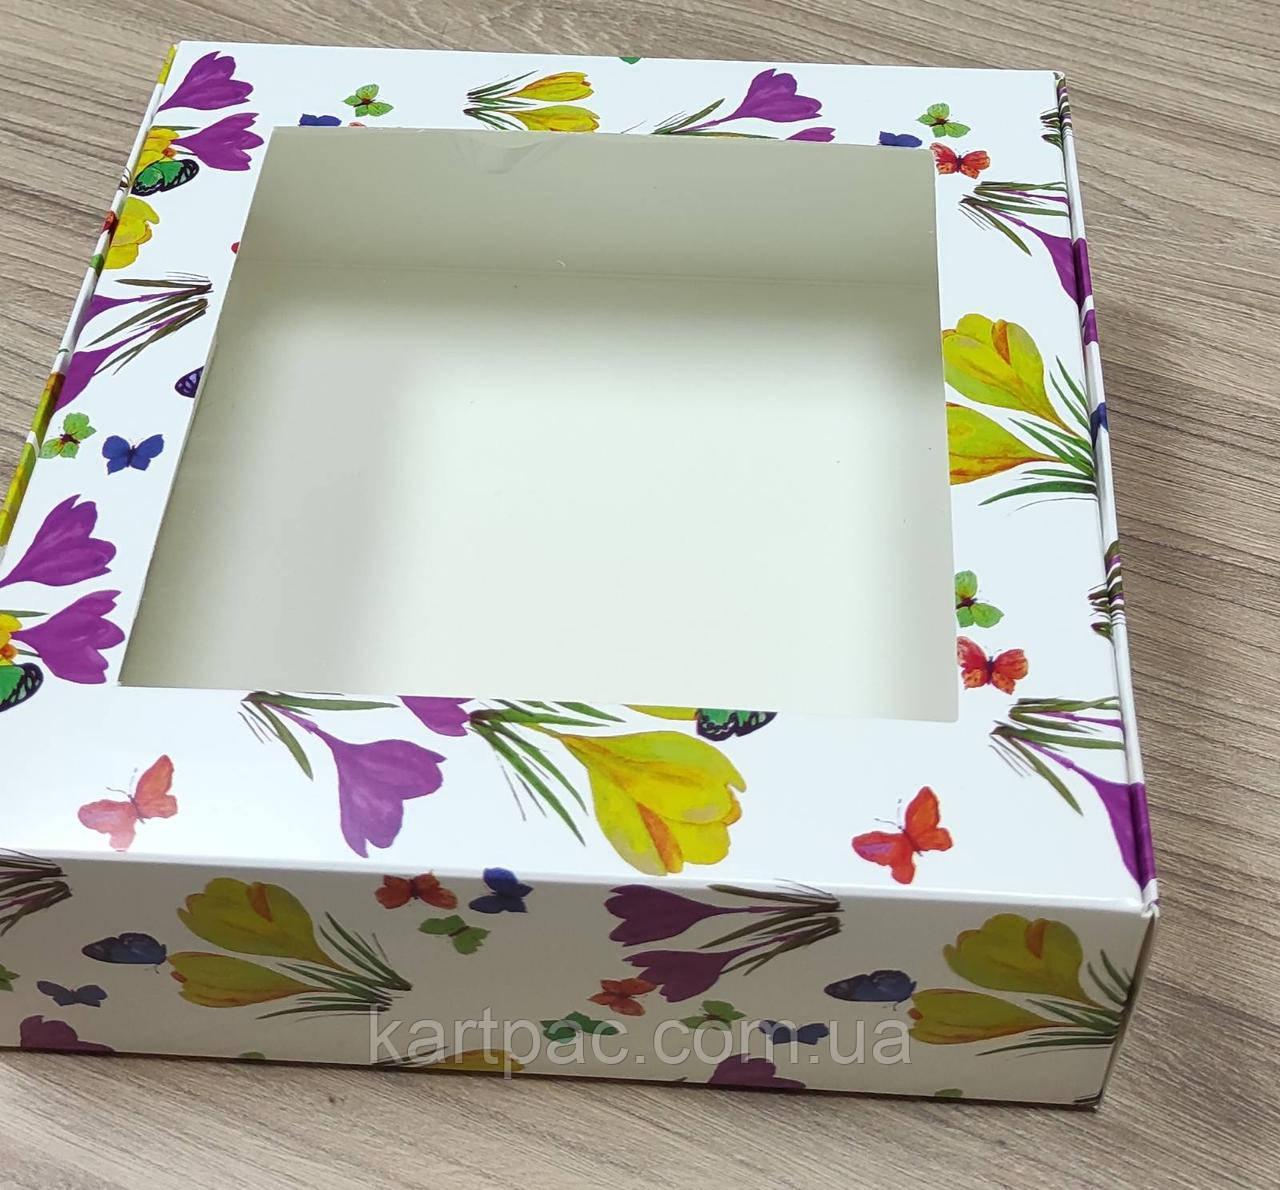 Коробка для пакування зефіру 200*200*70